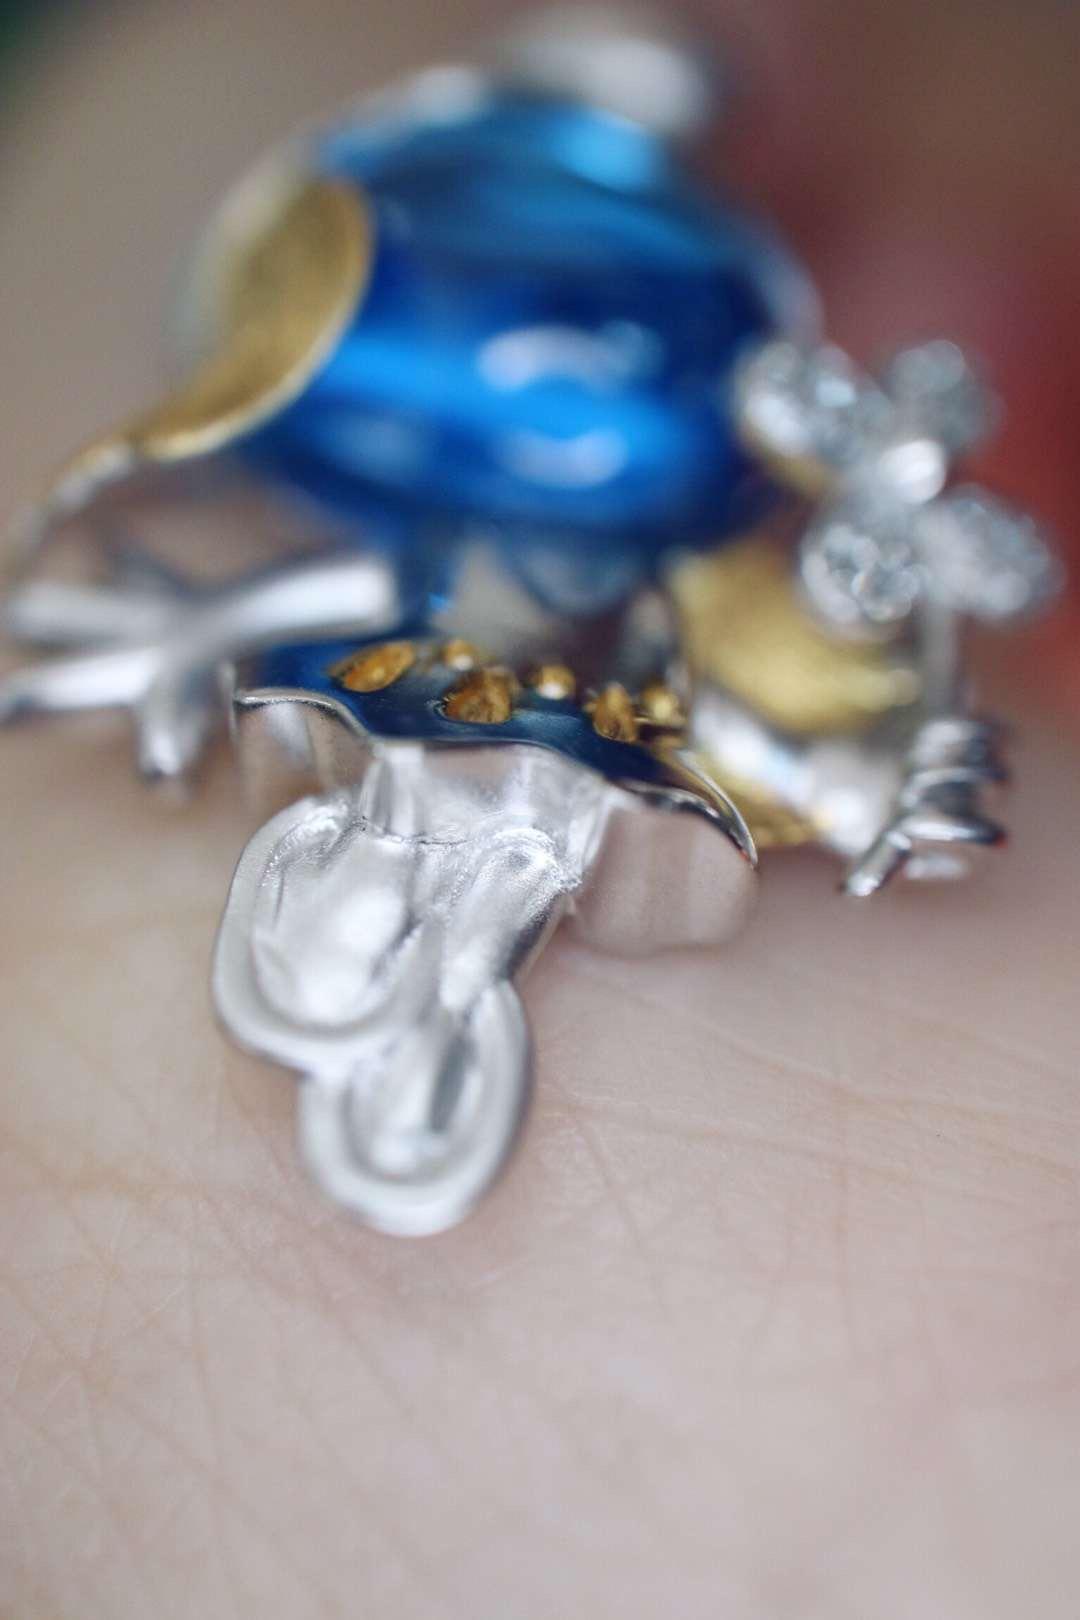 【菩心-托帕石&蓝妹妹白金】抵挡不了的菩心激萌卡通珠宝--托帕石&蓝妹妹-菩心晶舍